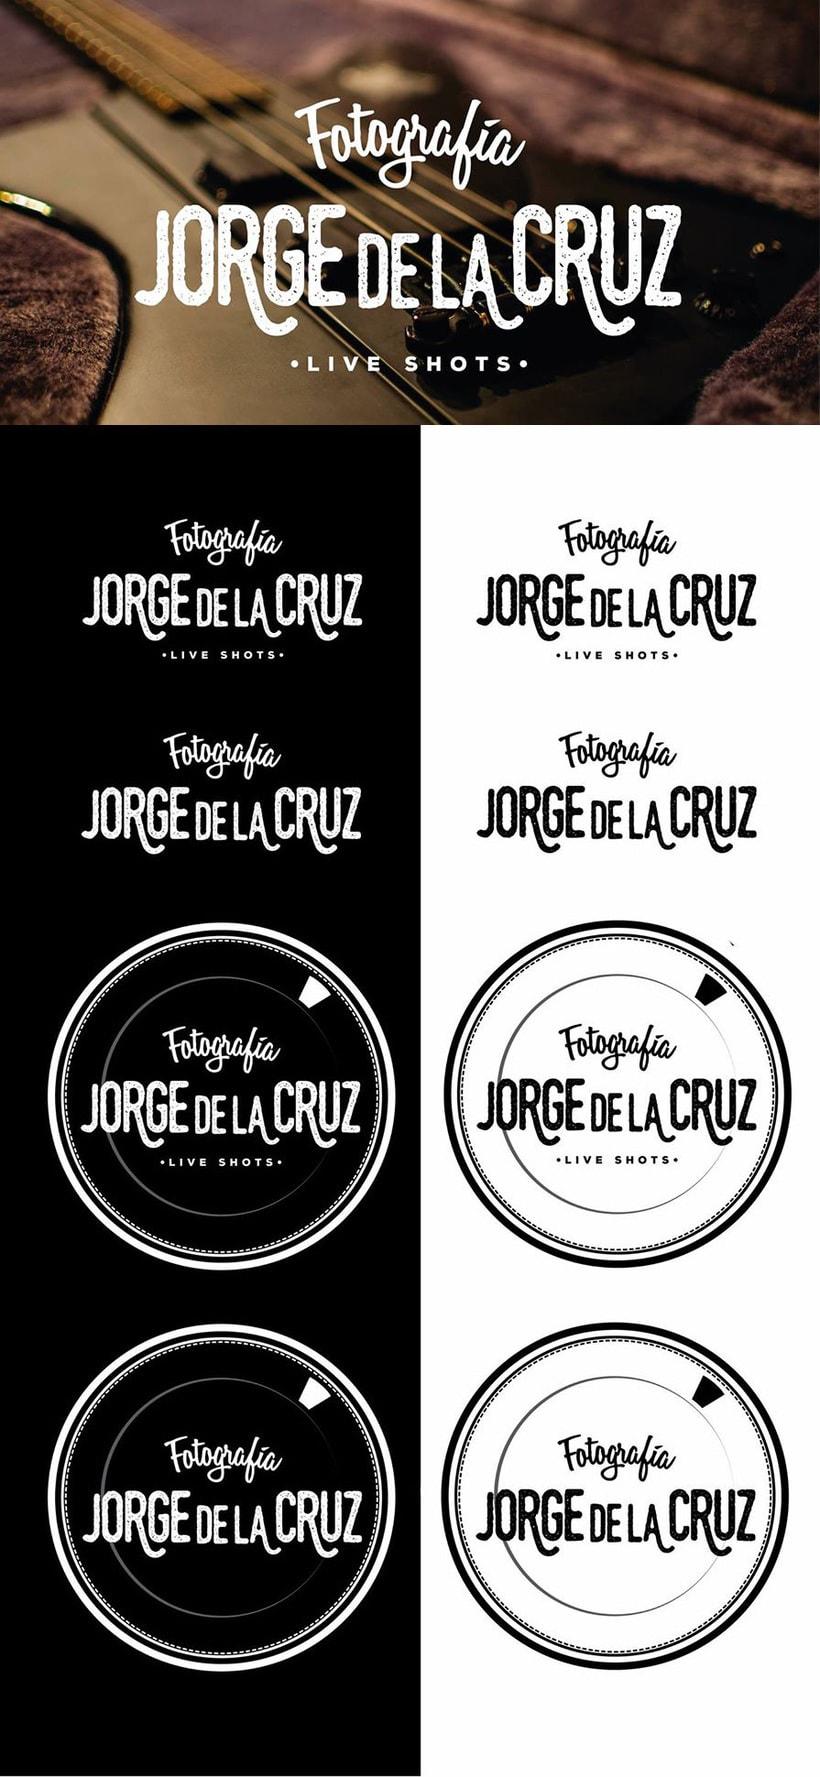 Fotografía Jorge de la Cruz 1